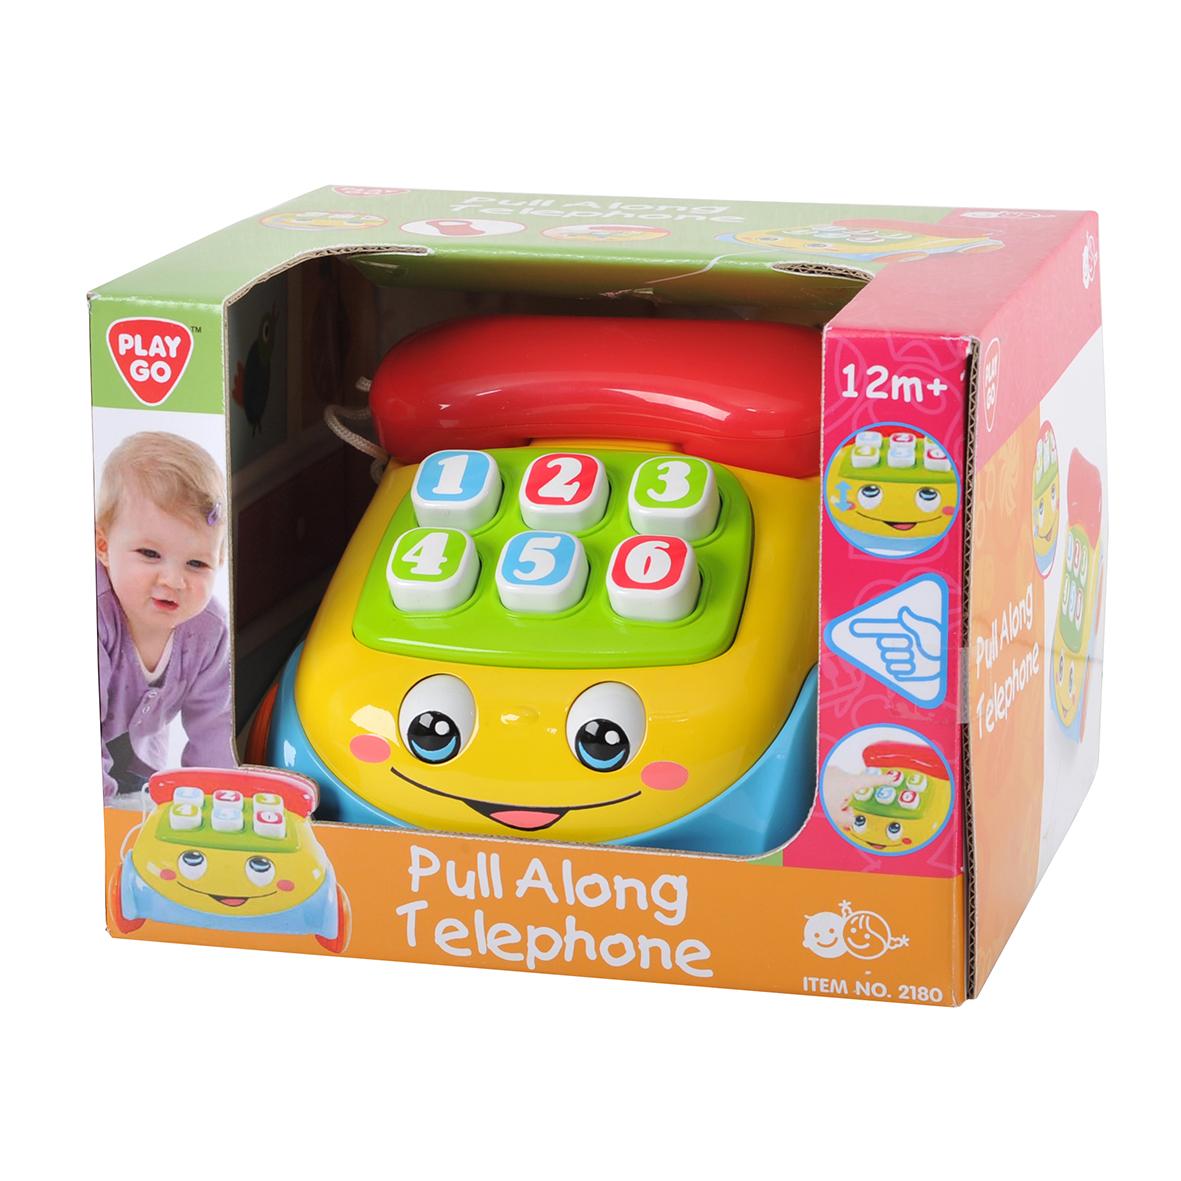 Playgo Каталка ТелефонPlay 2180Забавная каталка на веревочке, при движении раздаётся звук звонящего телефона и вращаются глазки. На трубке есть зеркальце, кнопки набора номера пищат при нажатии на них.